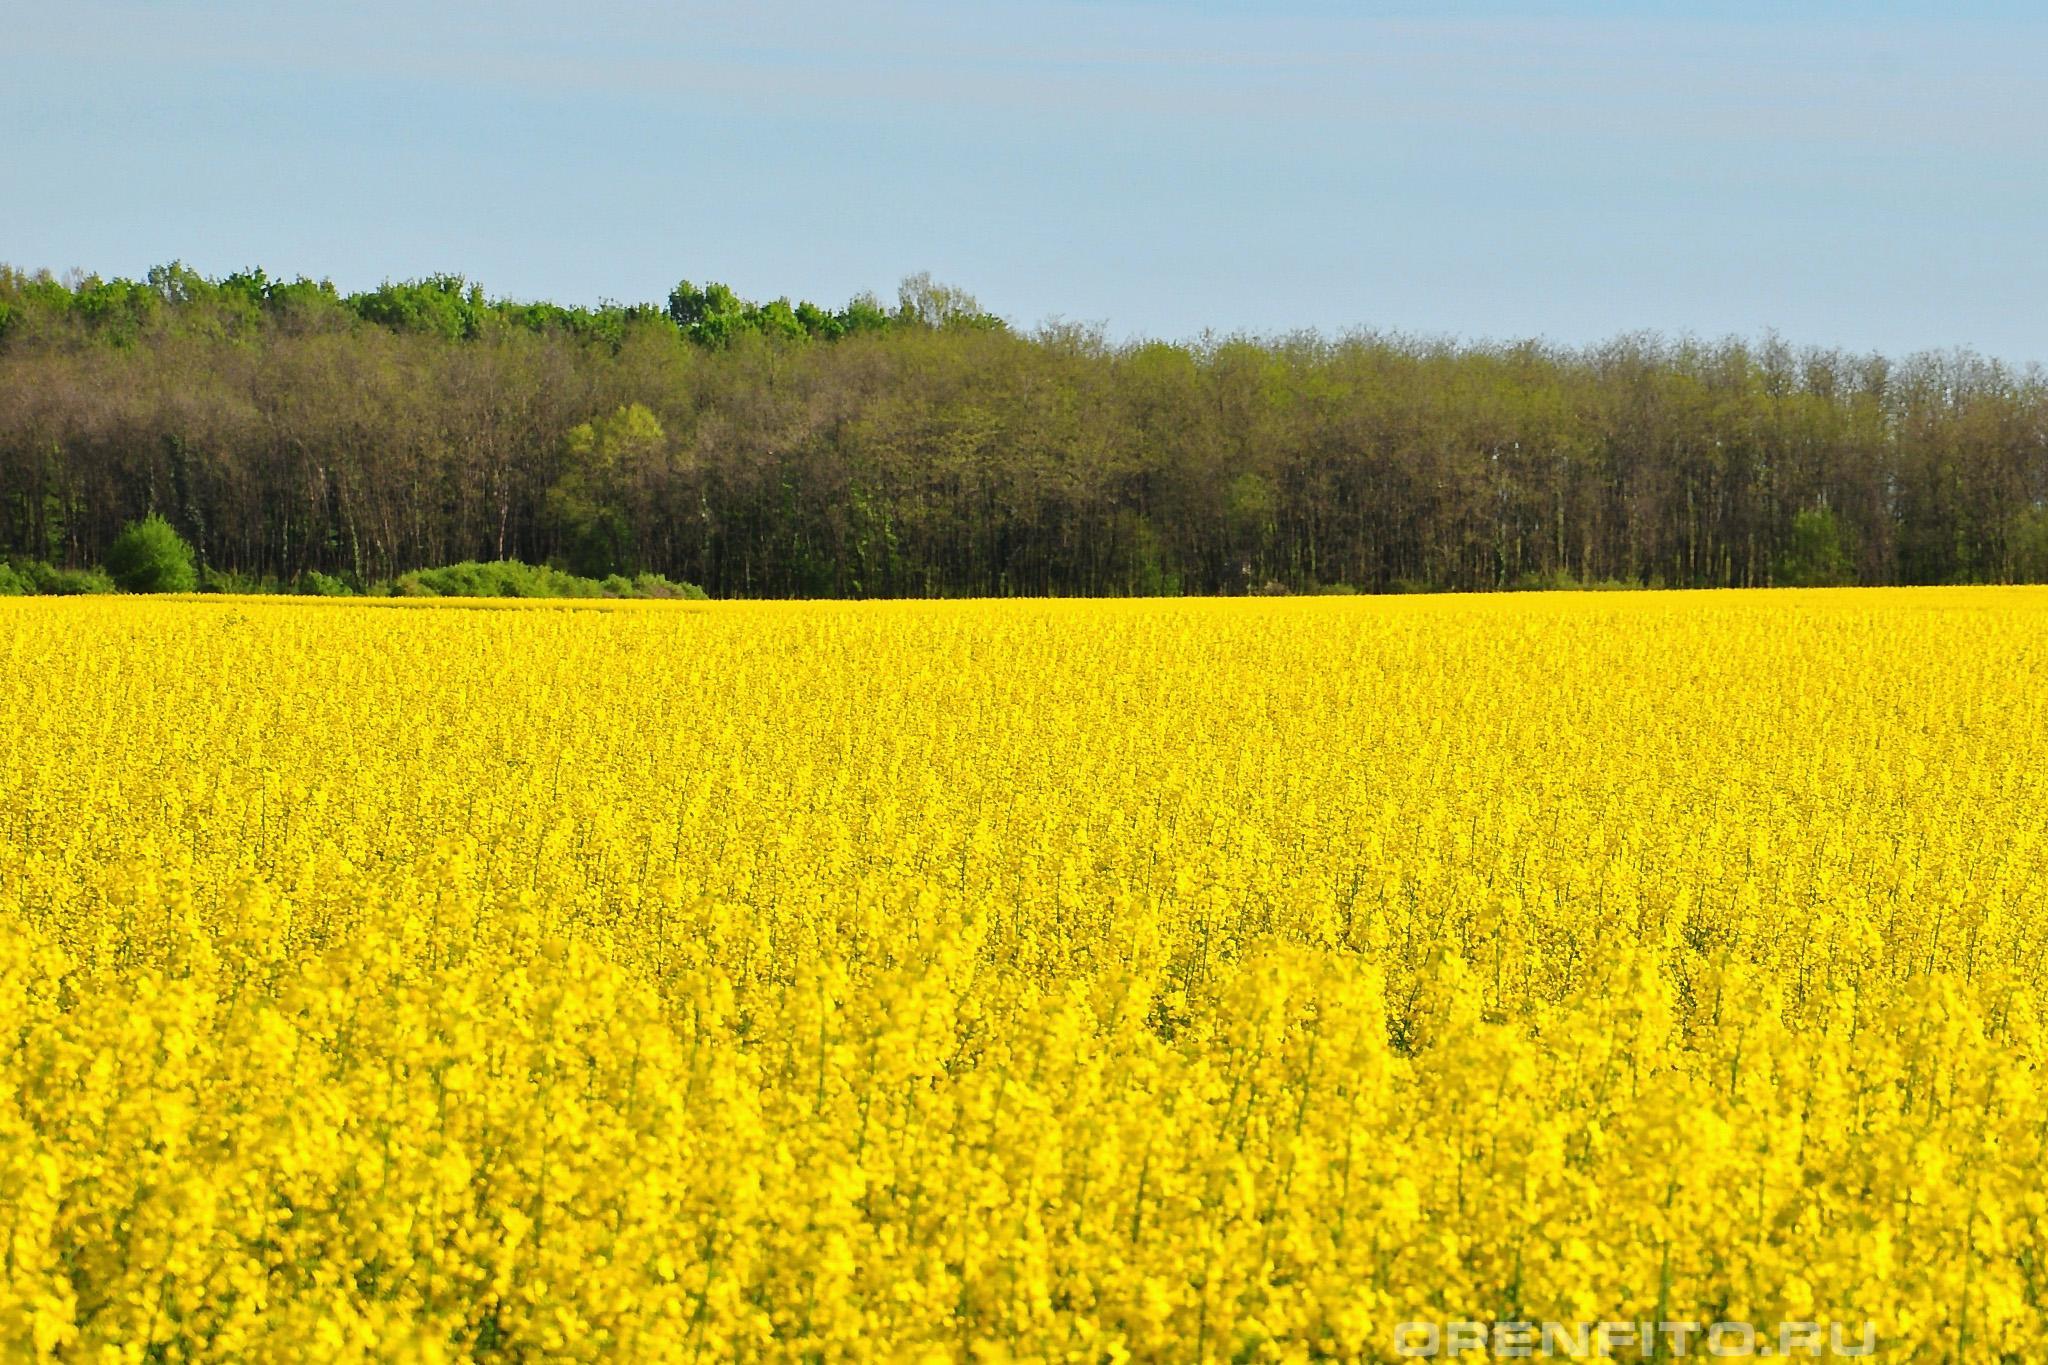 Капуста брюква желтые поля брюквы, наиболее часто встречающиеся в России